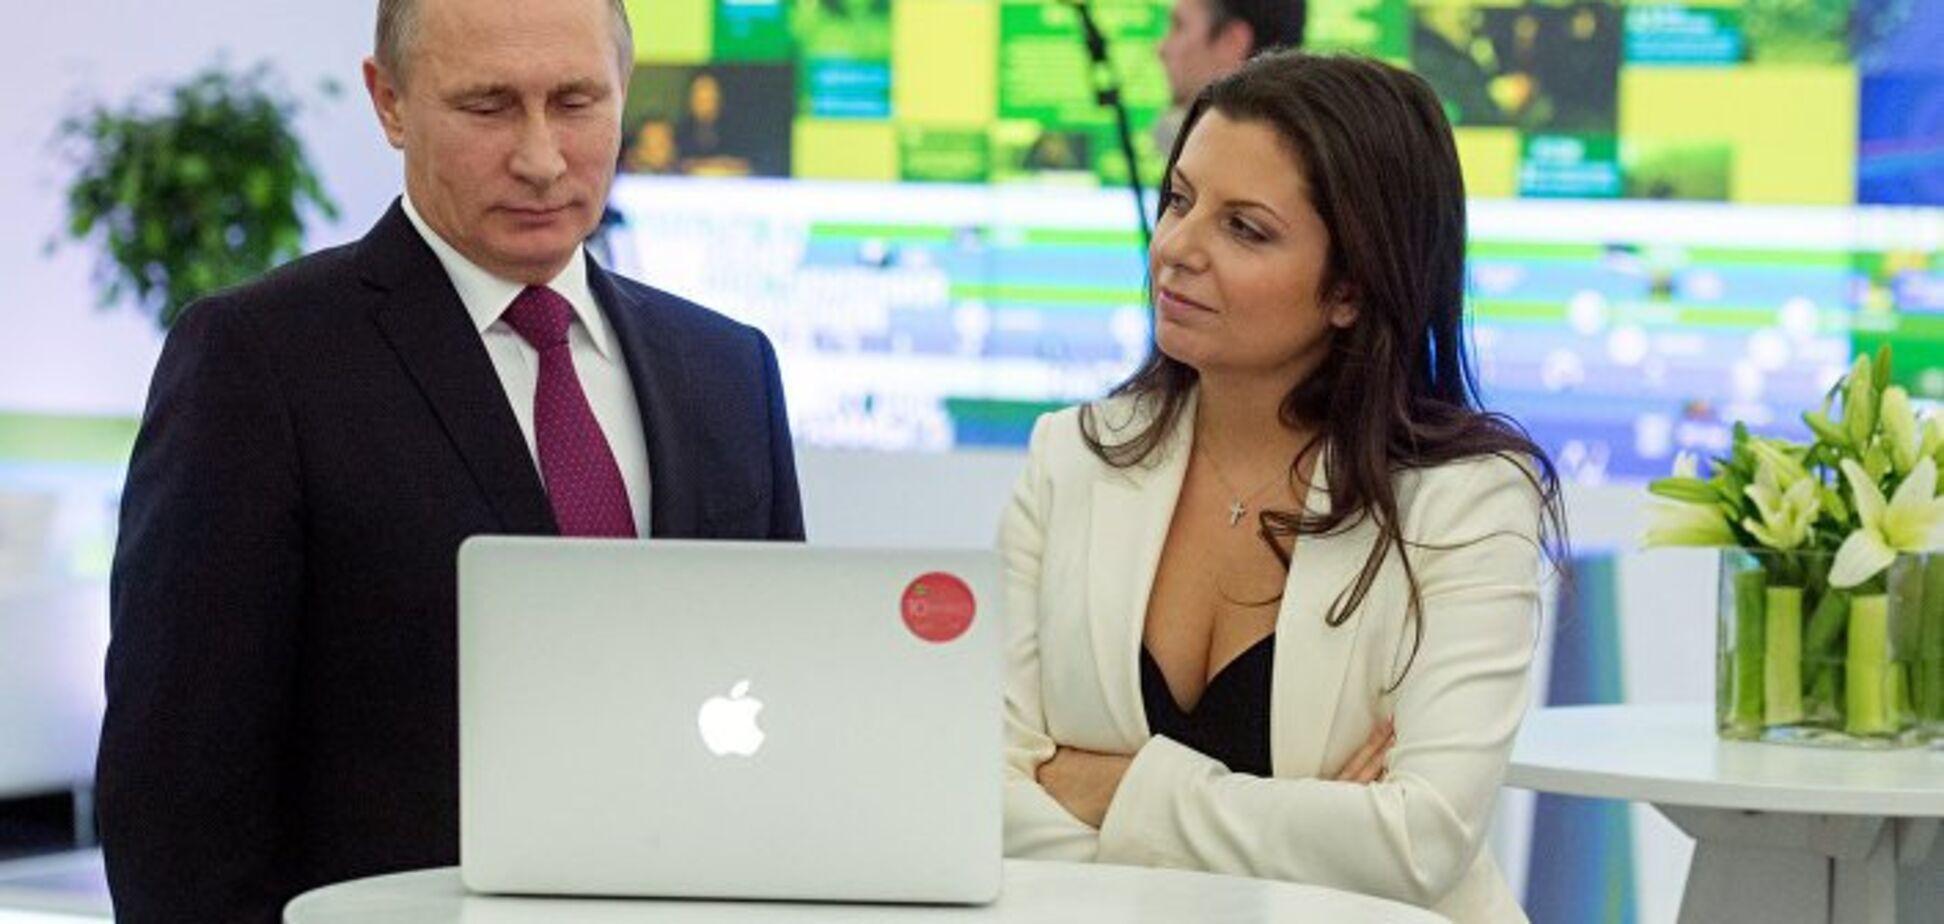 ''Не ракетами єдиними'': пропагандистка безглуздо похвалилася перевагами ''русского міра''